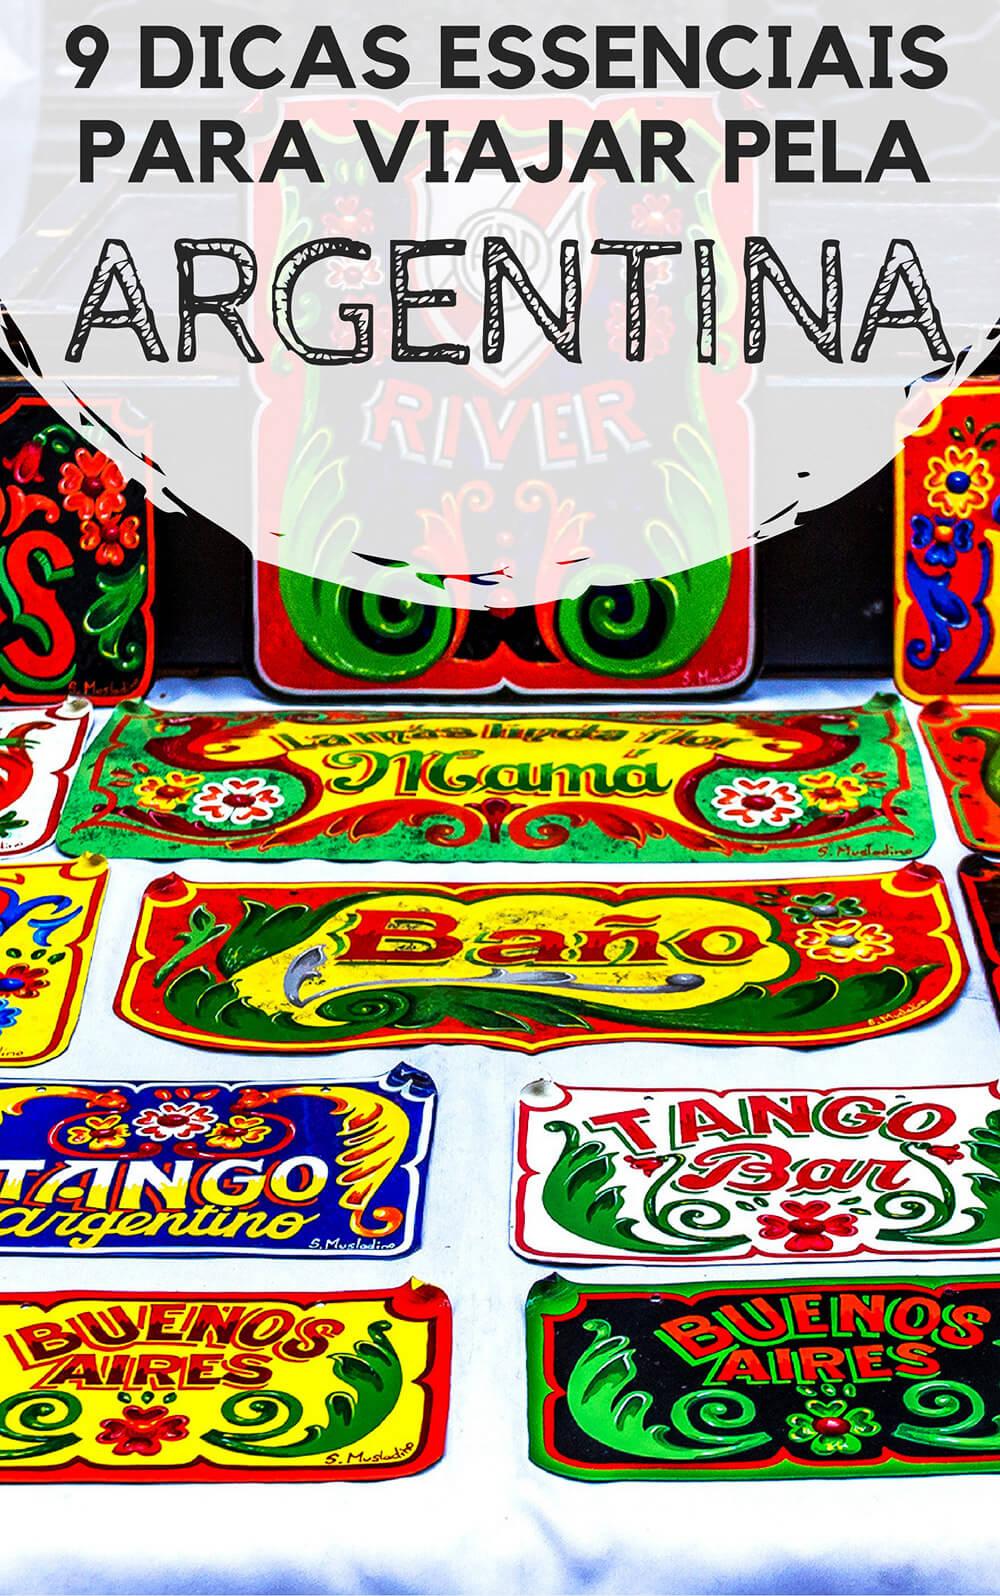 Argentina: Dicas de viagem, turismo e mochilão. Descubra tudo o que você deve saber ara organizar sua viagem: documentação necessária, quando ir, qual moeda levar, quais são as principais cidades turísticas, como se locomover, quanto custa e sugestões de roteiros.